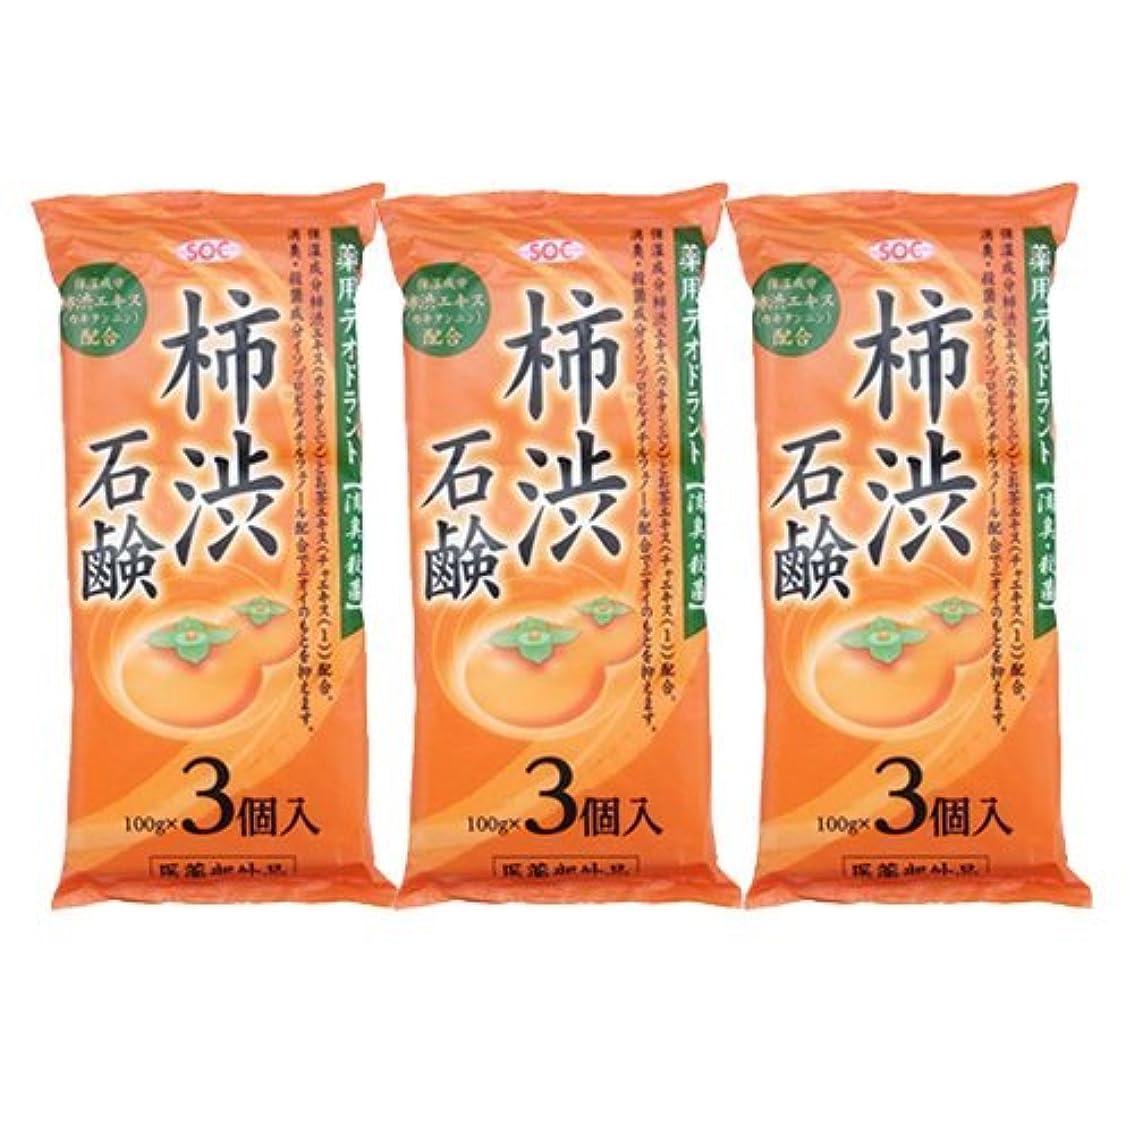 あいまいな過半数部渋谷油脂 SOC 薬用柿渋石鹸 3P ×3袋セット (100g×9個)